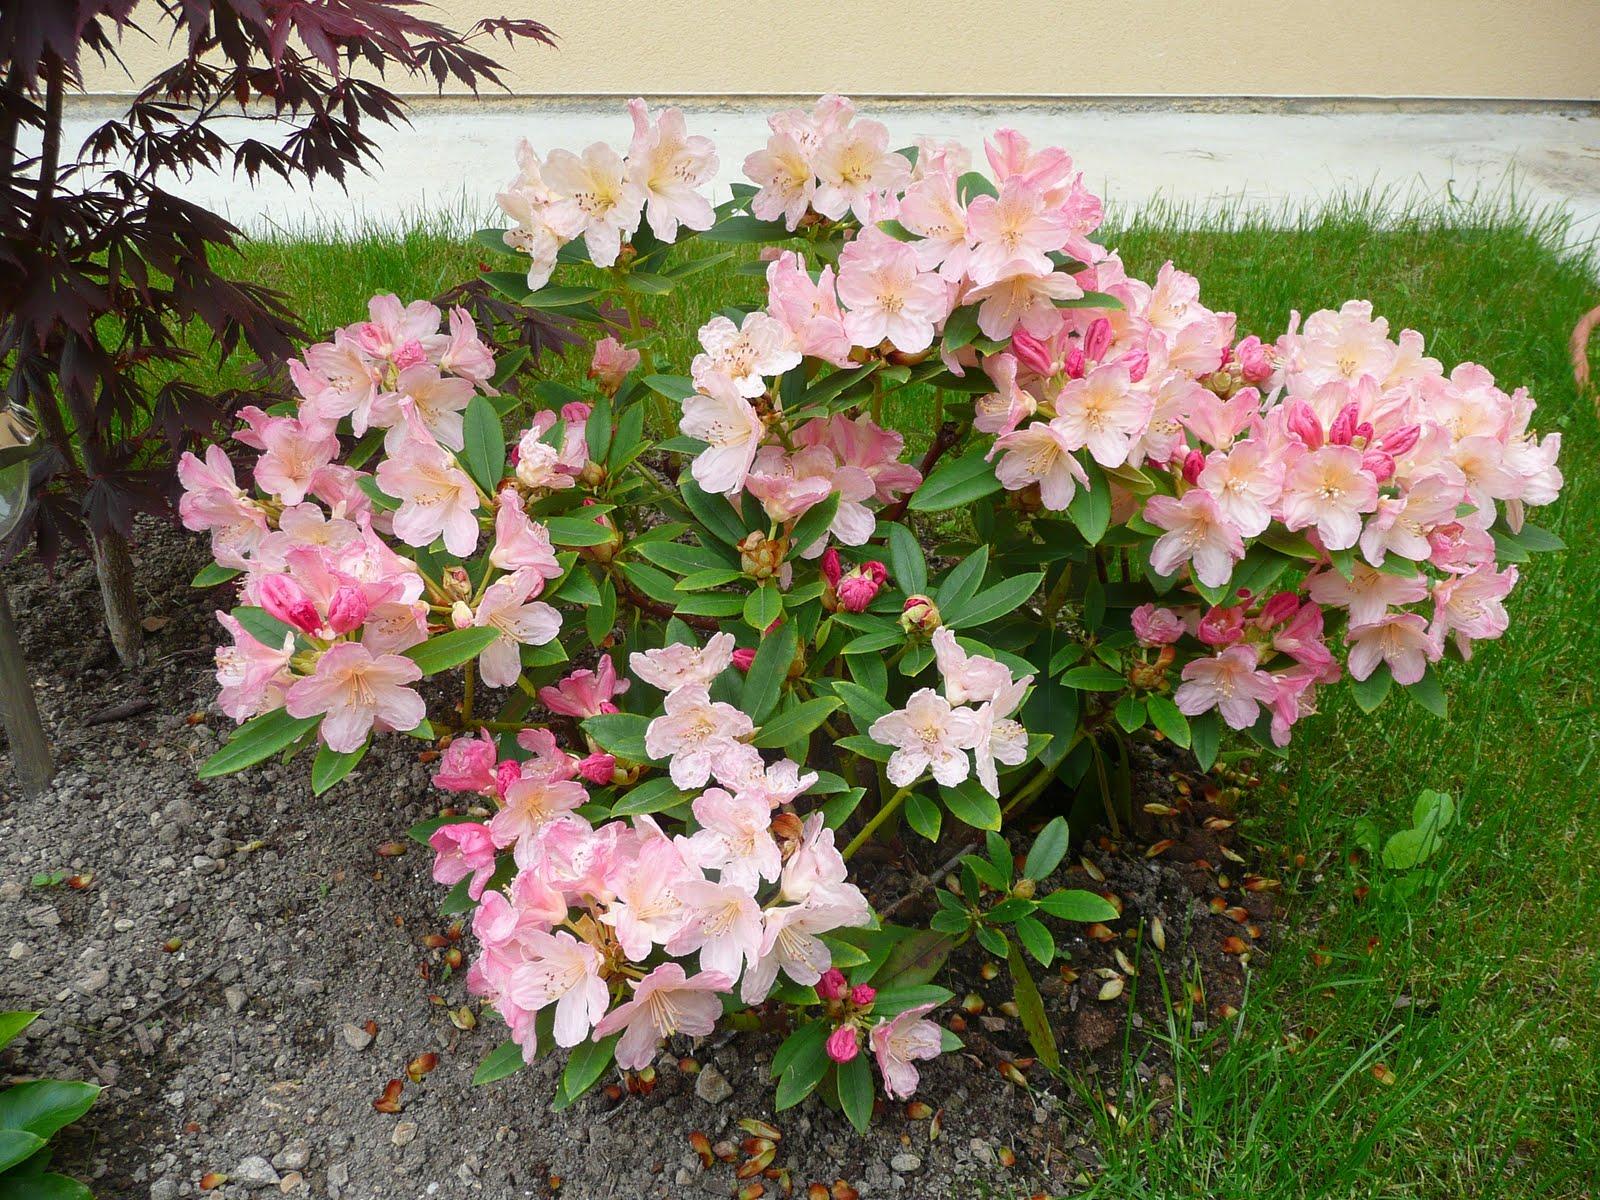 Notre jardin secret rhododendrons for Jardin secret 78